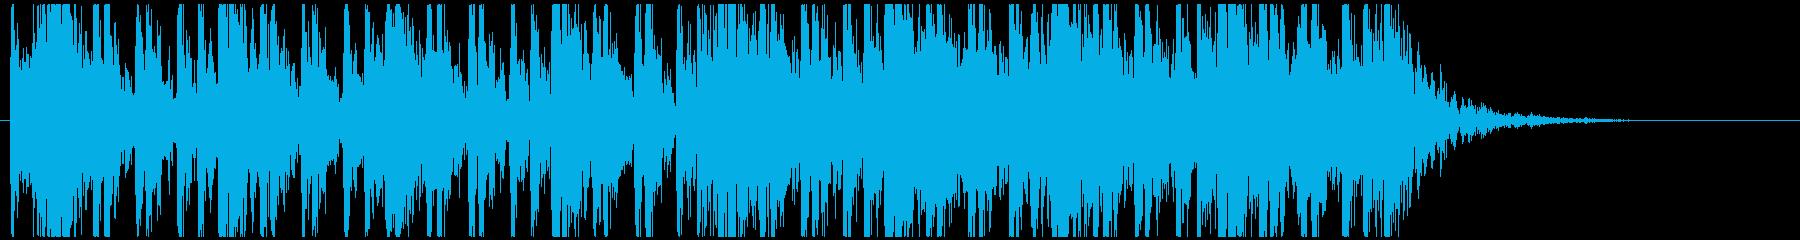 和太鼓のフレーズ3 残響なしBPM140の再生済みの波形